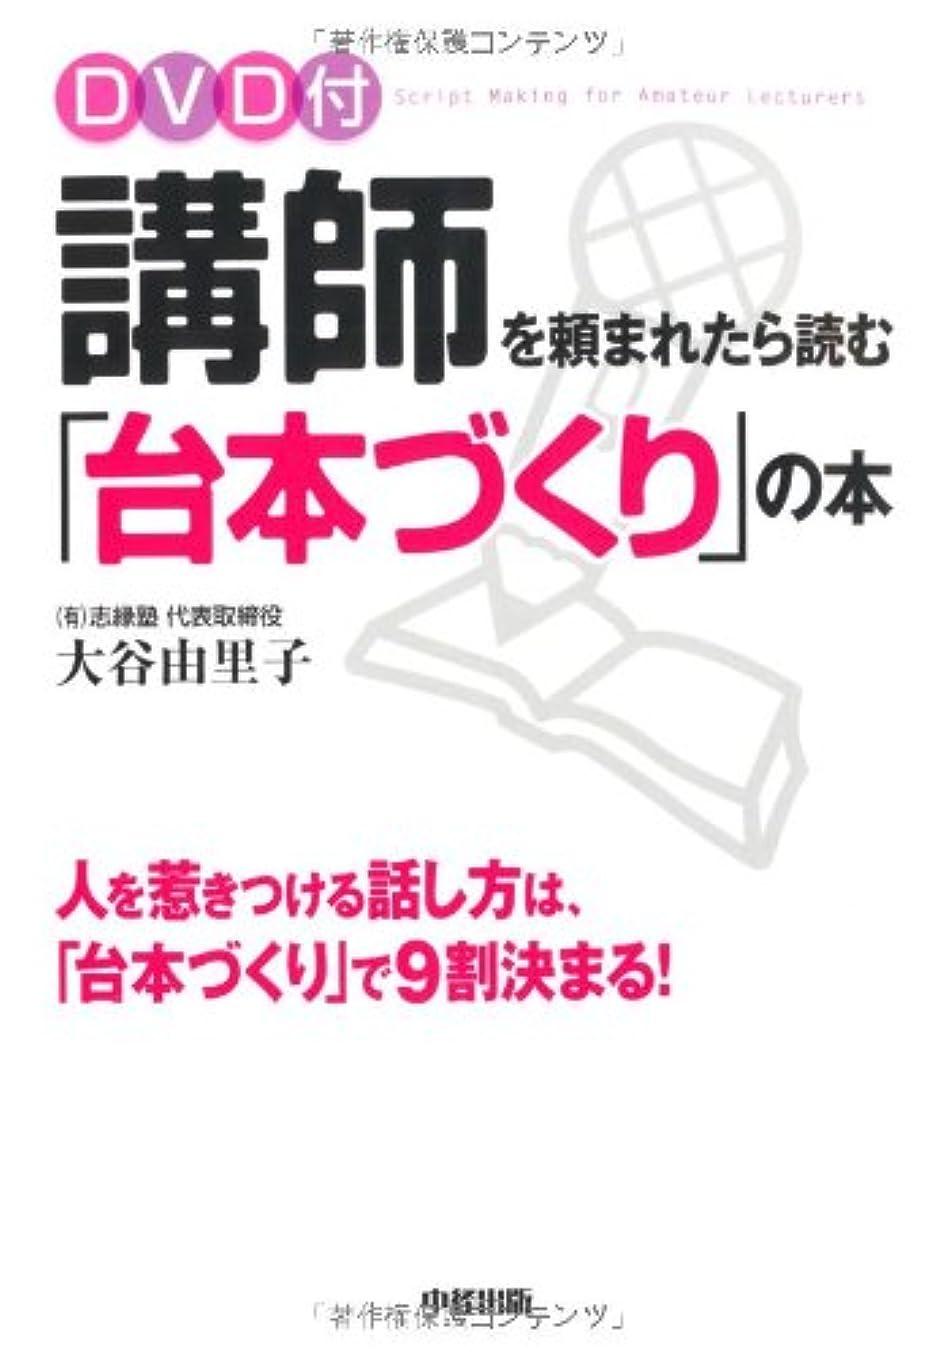 骨髄才能主流DVD付 講師を頼まれたら読む「台本づくり」の本